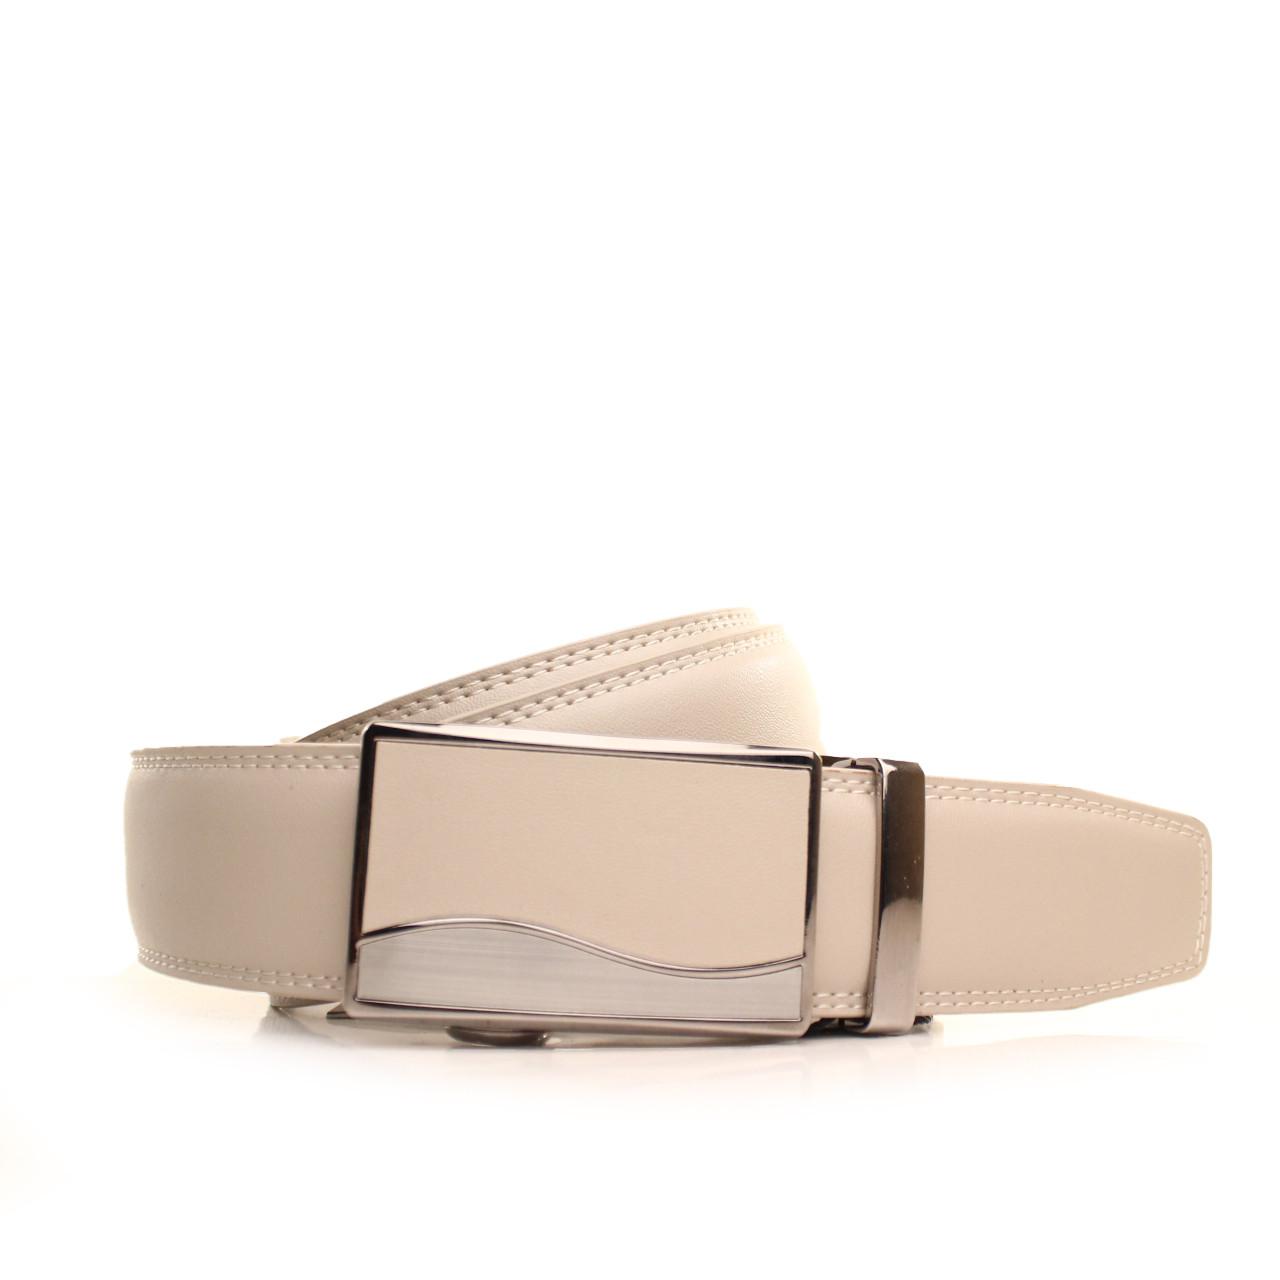 Ремень кожаный Alon 120-125 см китай l35a1a18